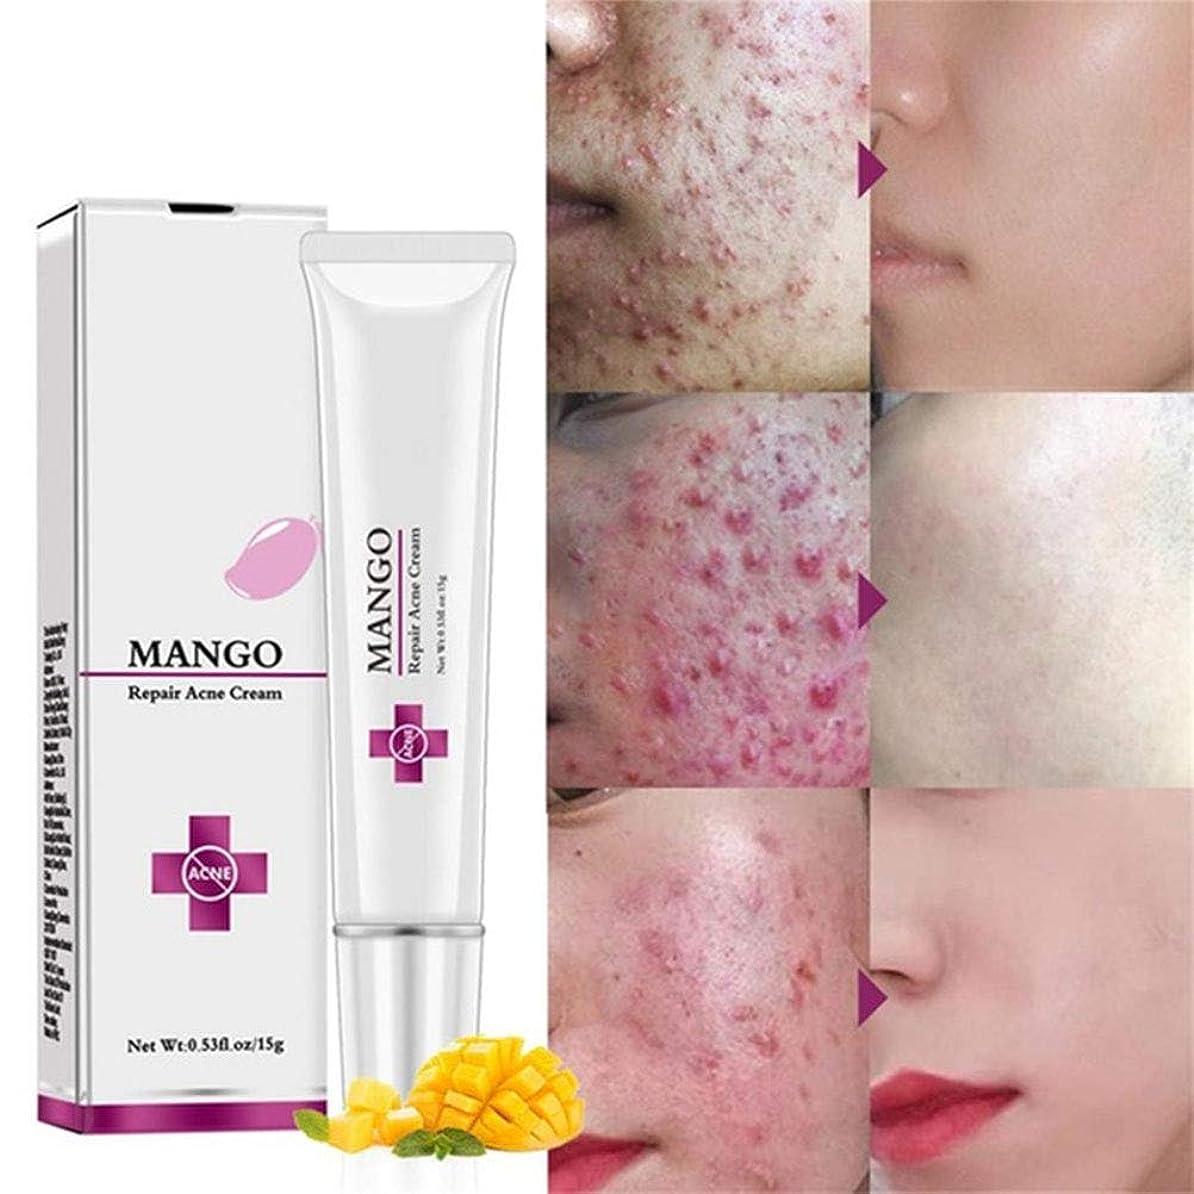 含む影のある自然Creacom ニキビケア ニキビクリーム 修復クリーム 傷跡 肌に栄養を与え 新陳代謝を促進し エイジングケア クリーム 保湿 顔のしわ取りクリーム 美白 美肌 美容 男女兼用 15g